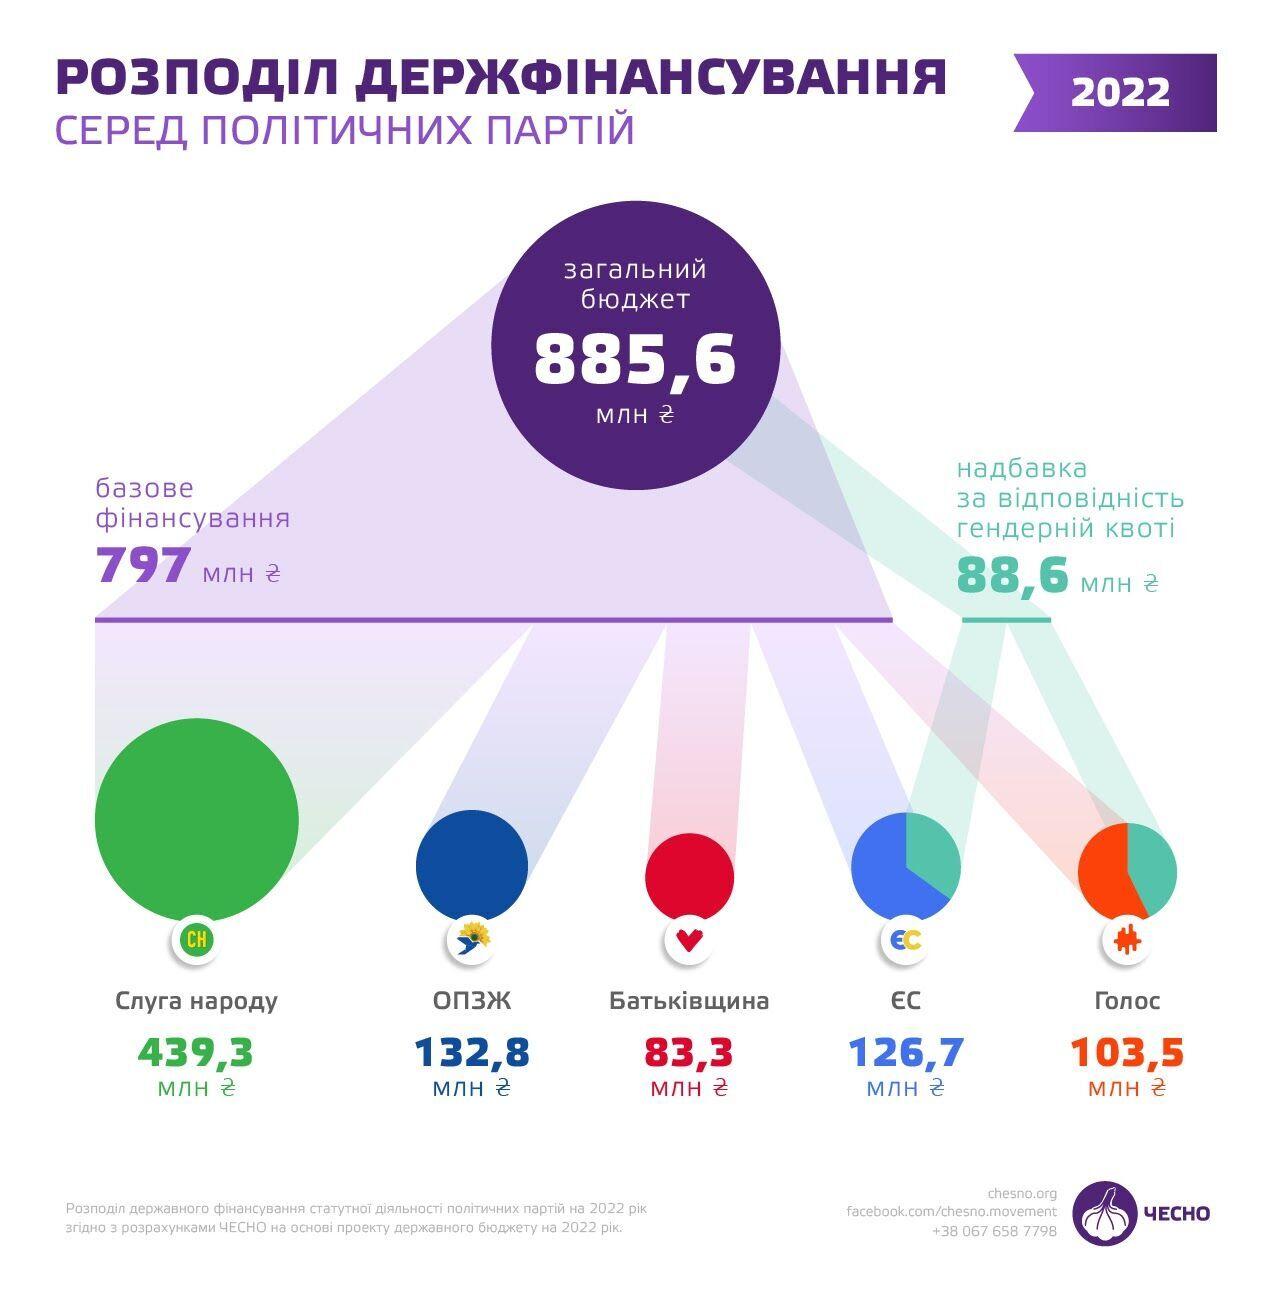 Скільки отримають політичні партії з бюджету-2022